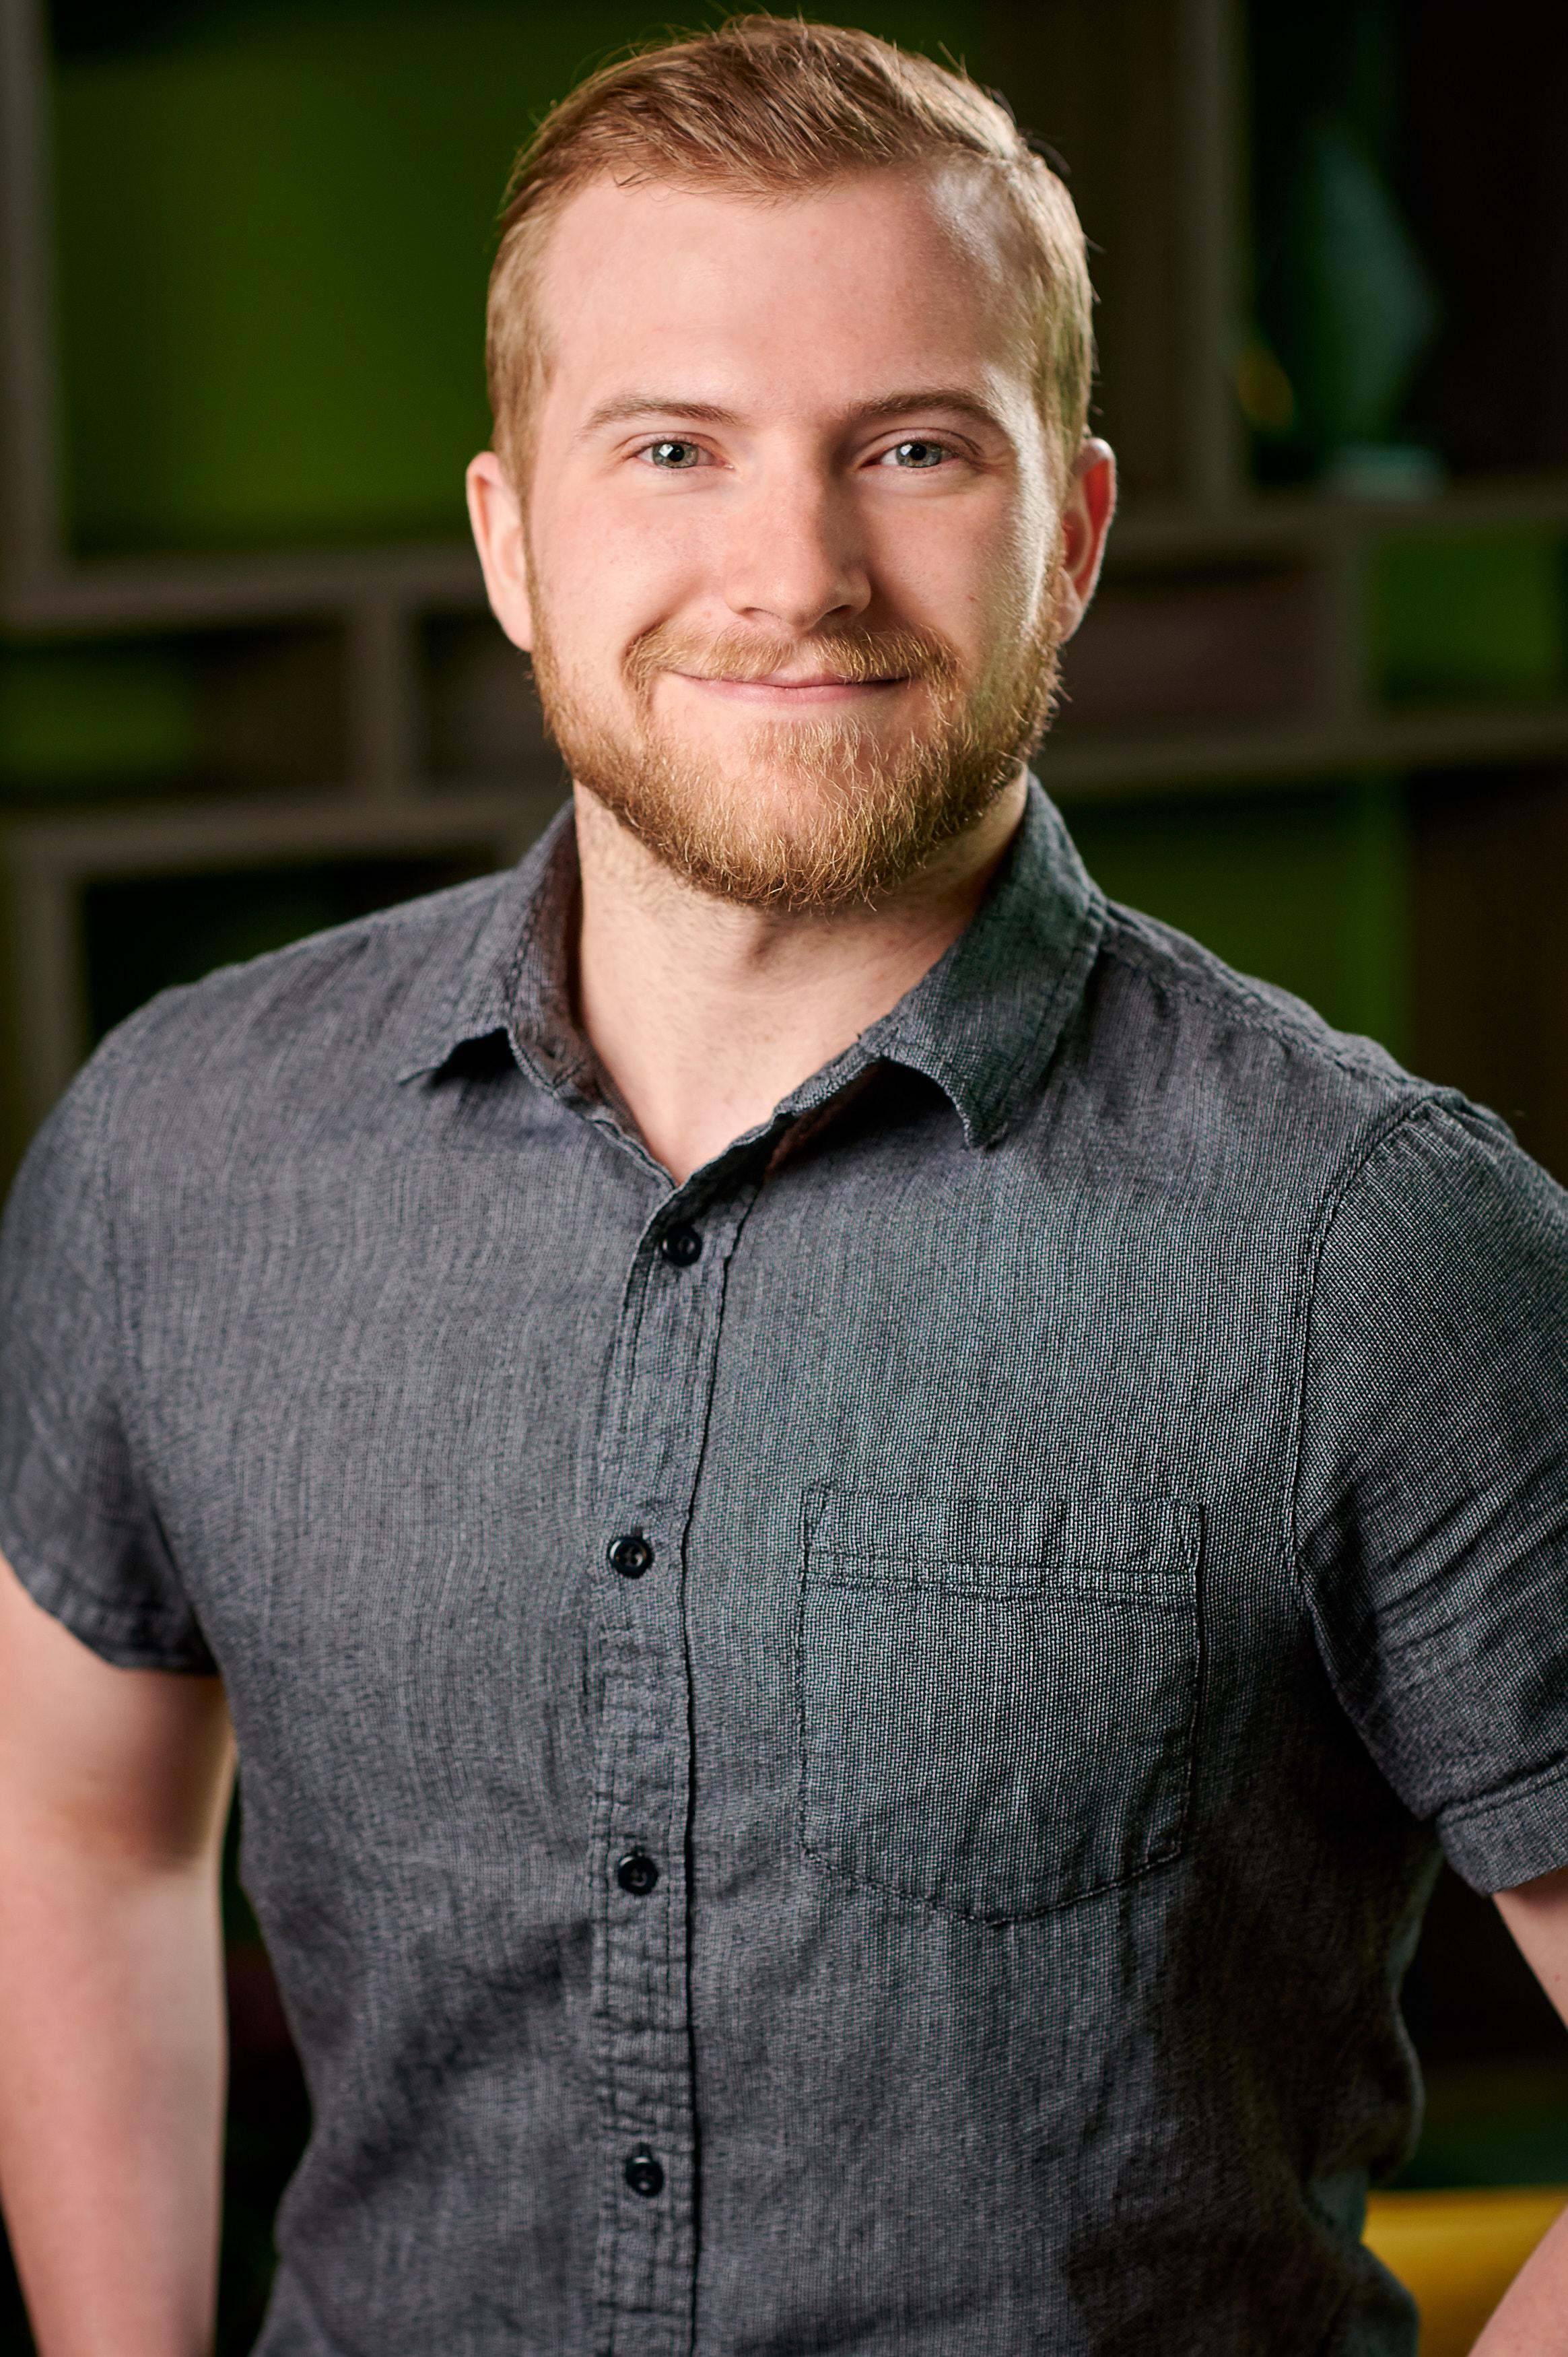 Mitch Cooper